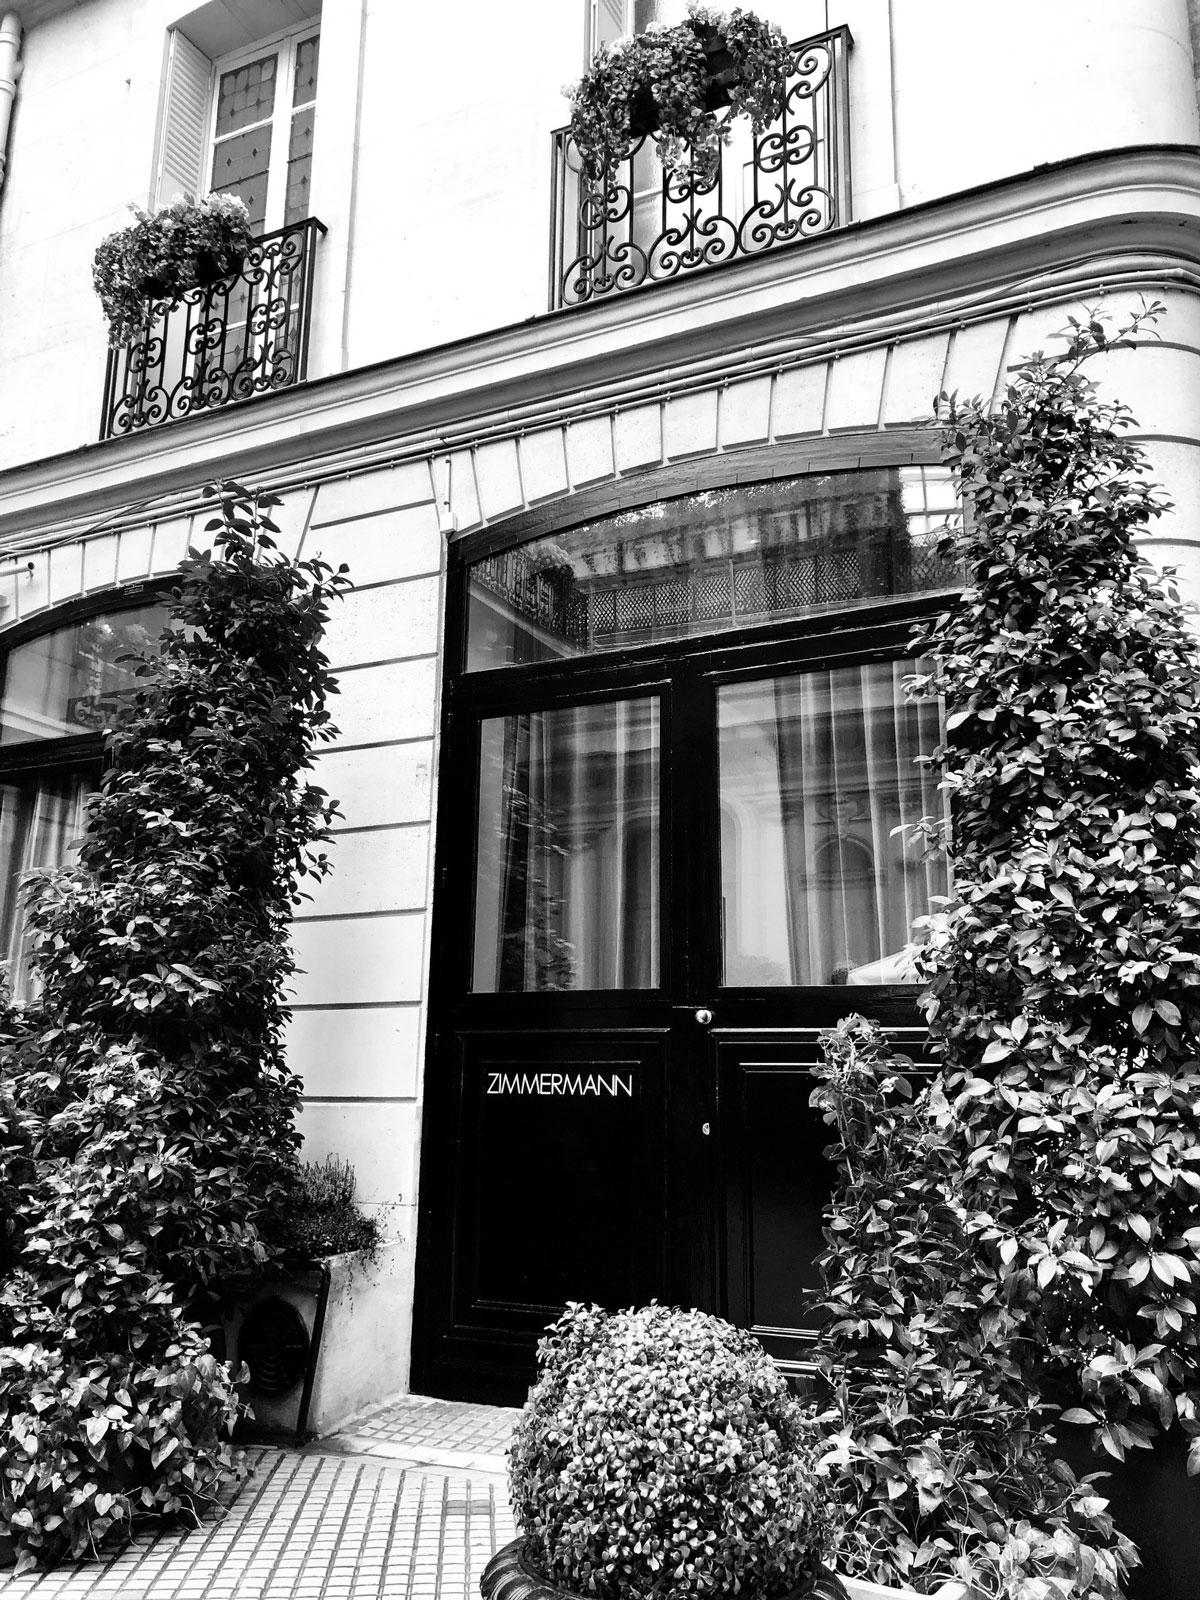 The front door of our Zimmermann showroom in Paris. December 2018